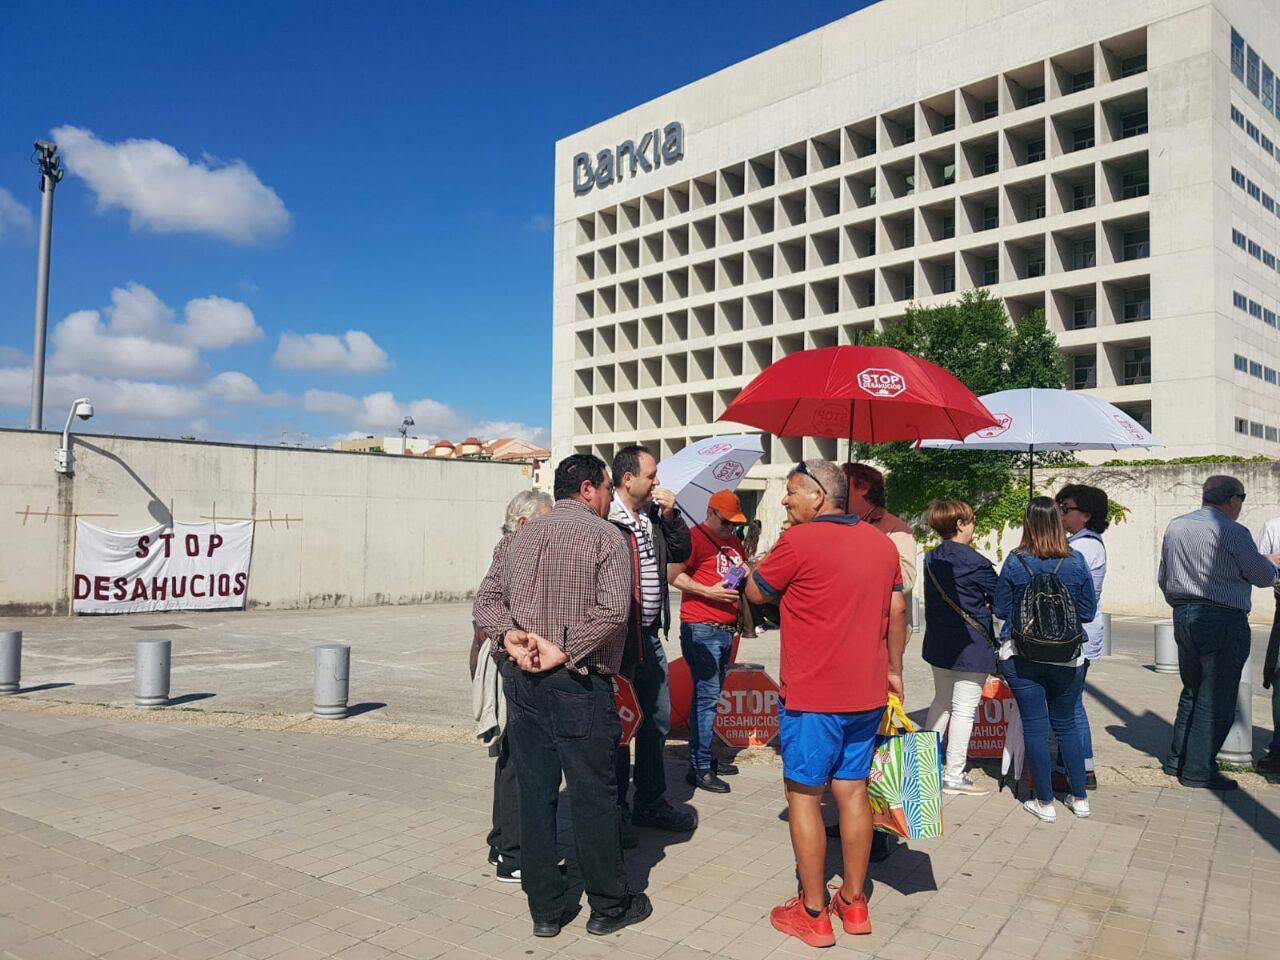 Bankia desahucia acci n de stop desahucios en las puertas for Oficinas de bankia en granada